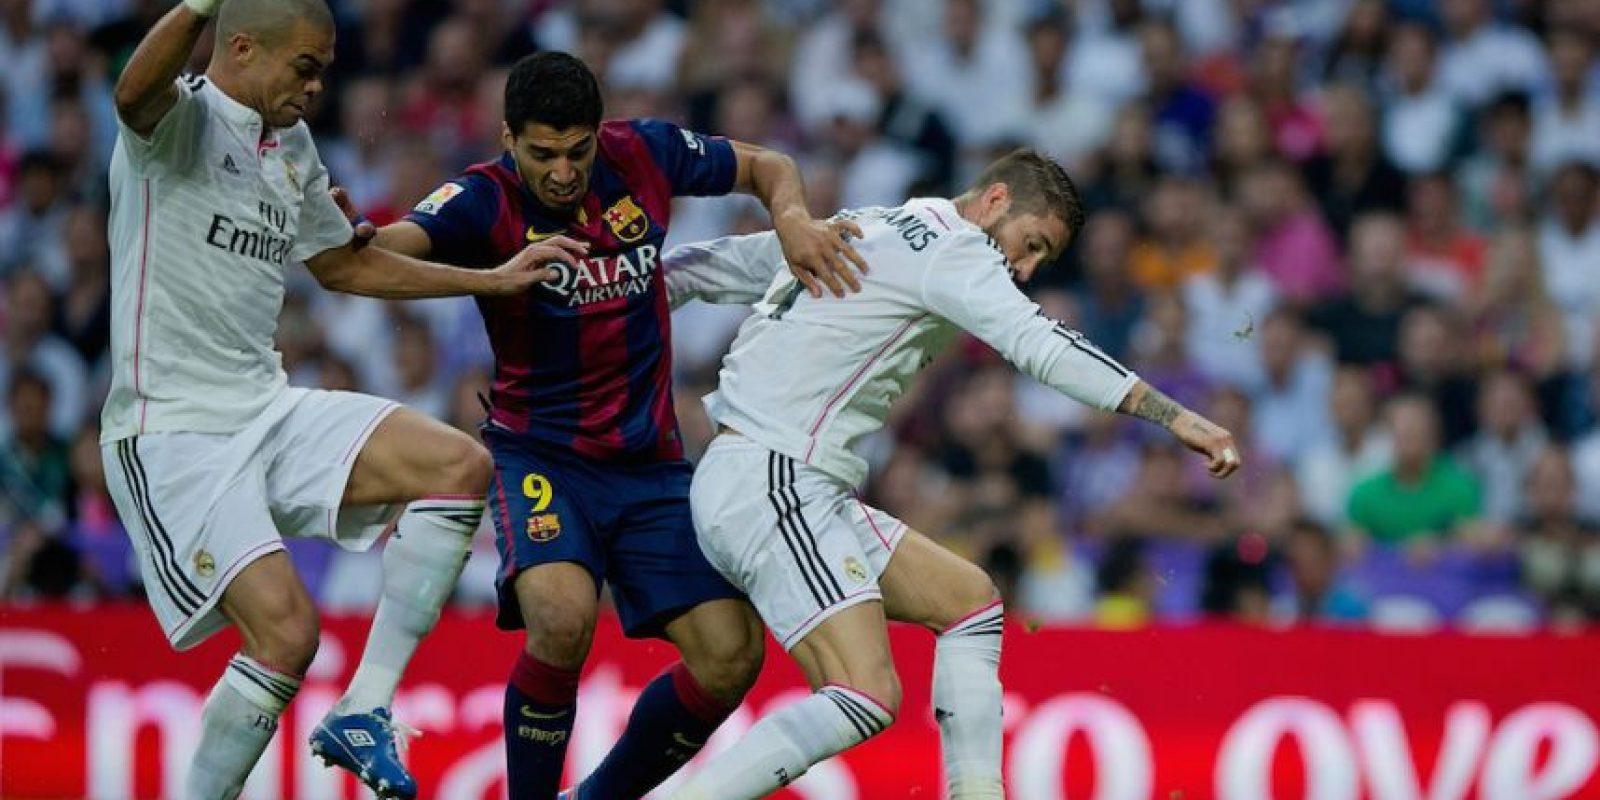 La afición madridista desea que su equipo gane. Foto:Getty Images